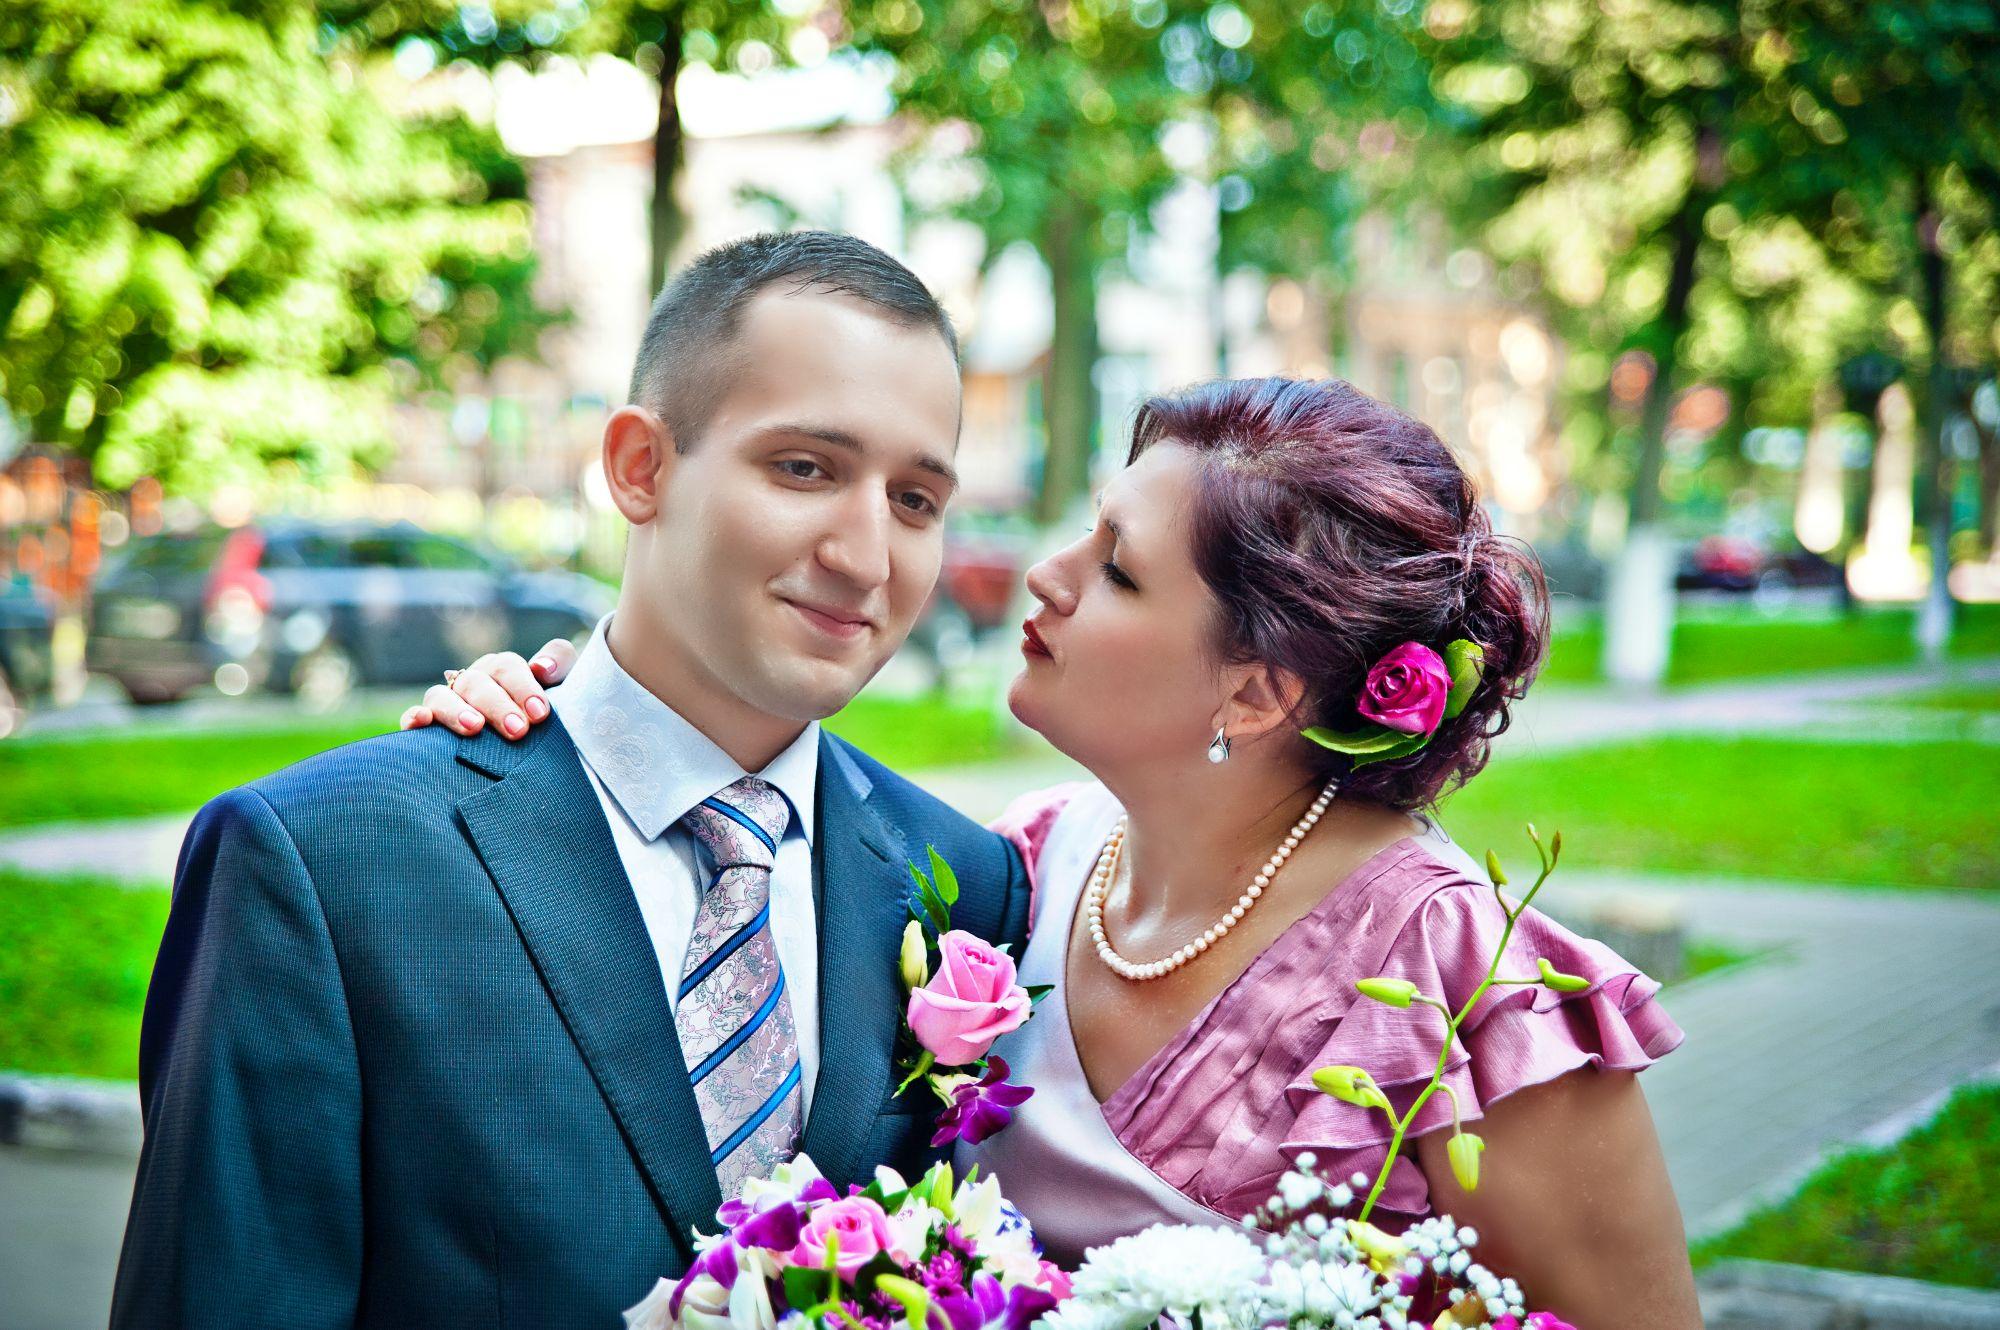 Прически для свадьбы маме жениха